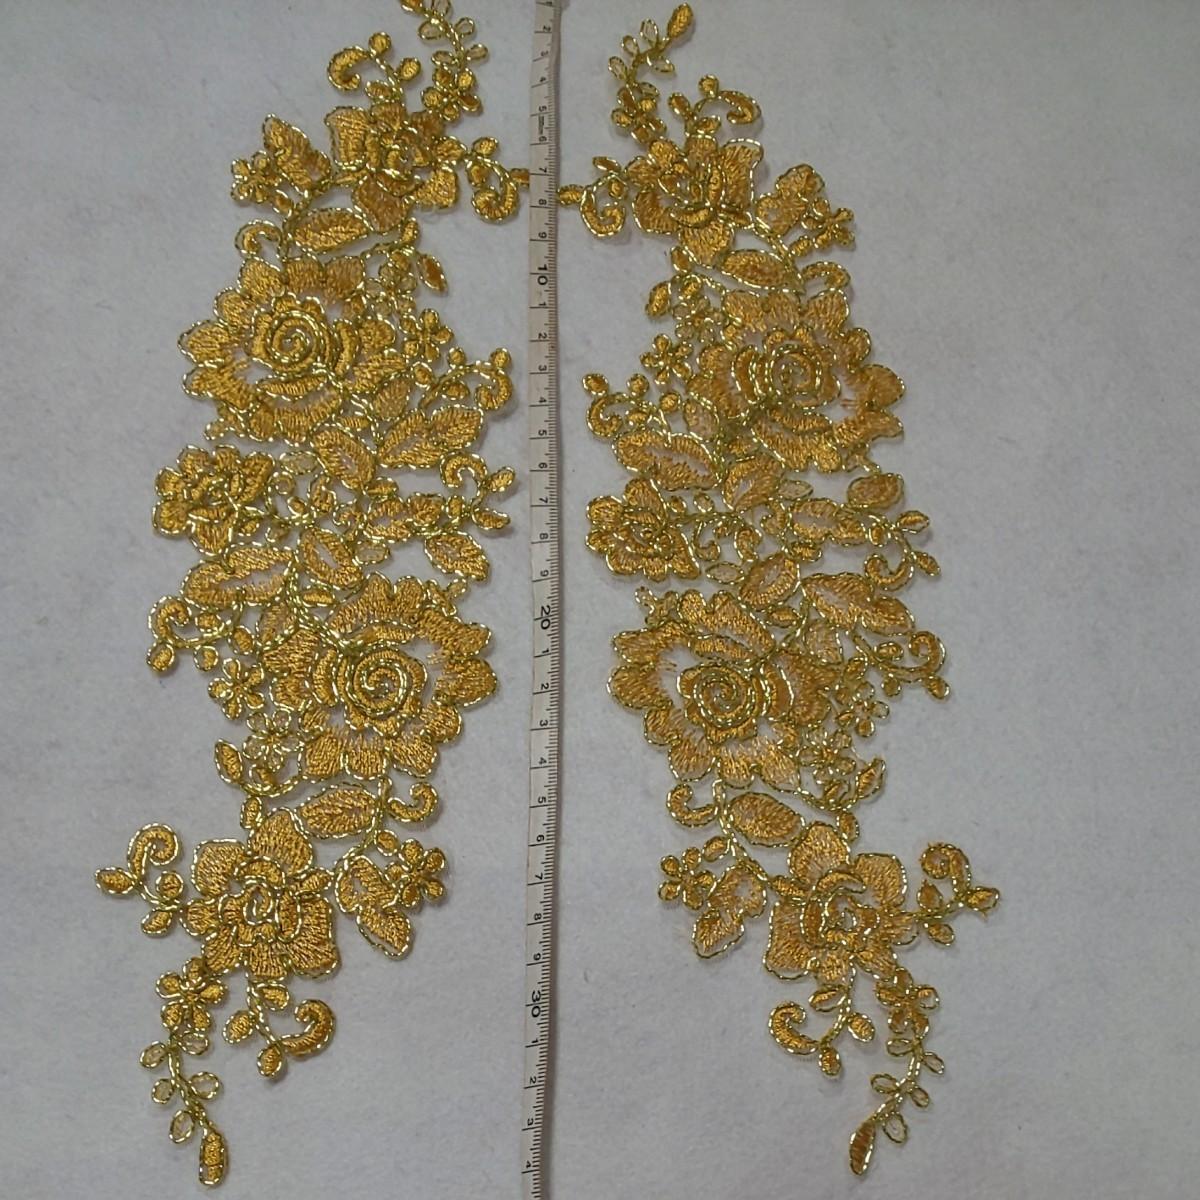 ハンドメイド刺繍コードモチーフ